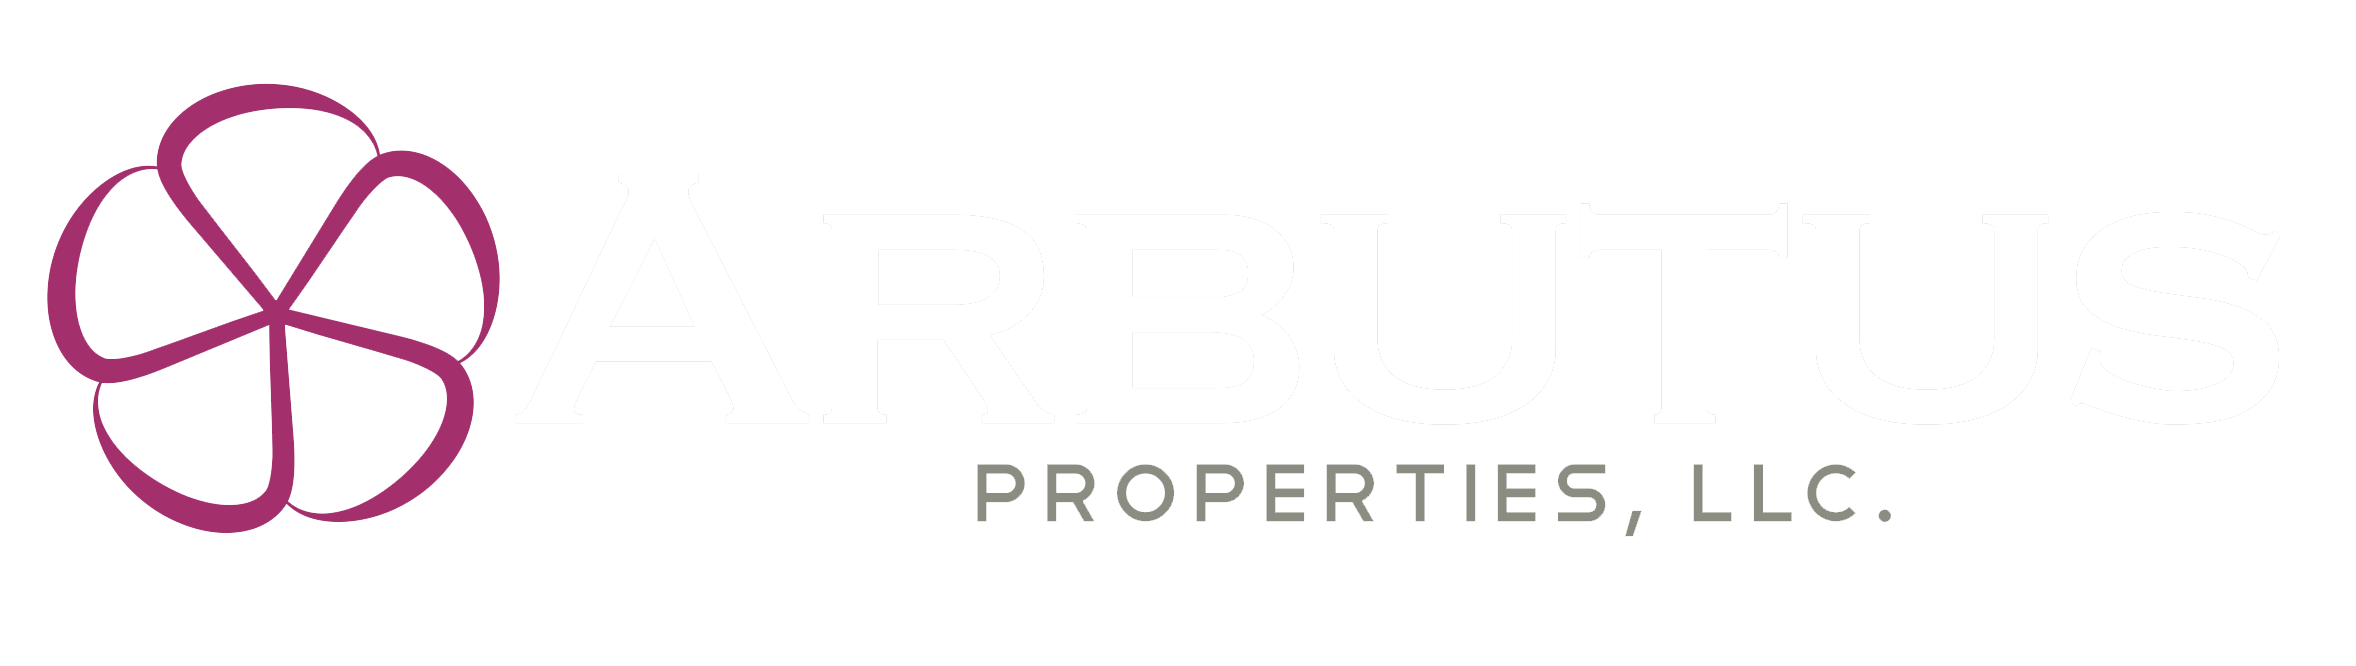 Arbutus Properties - Main.png